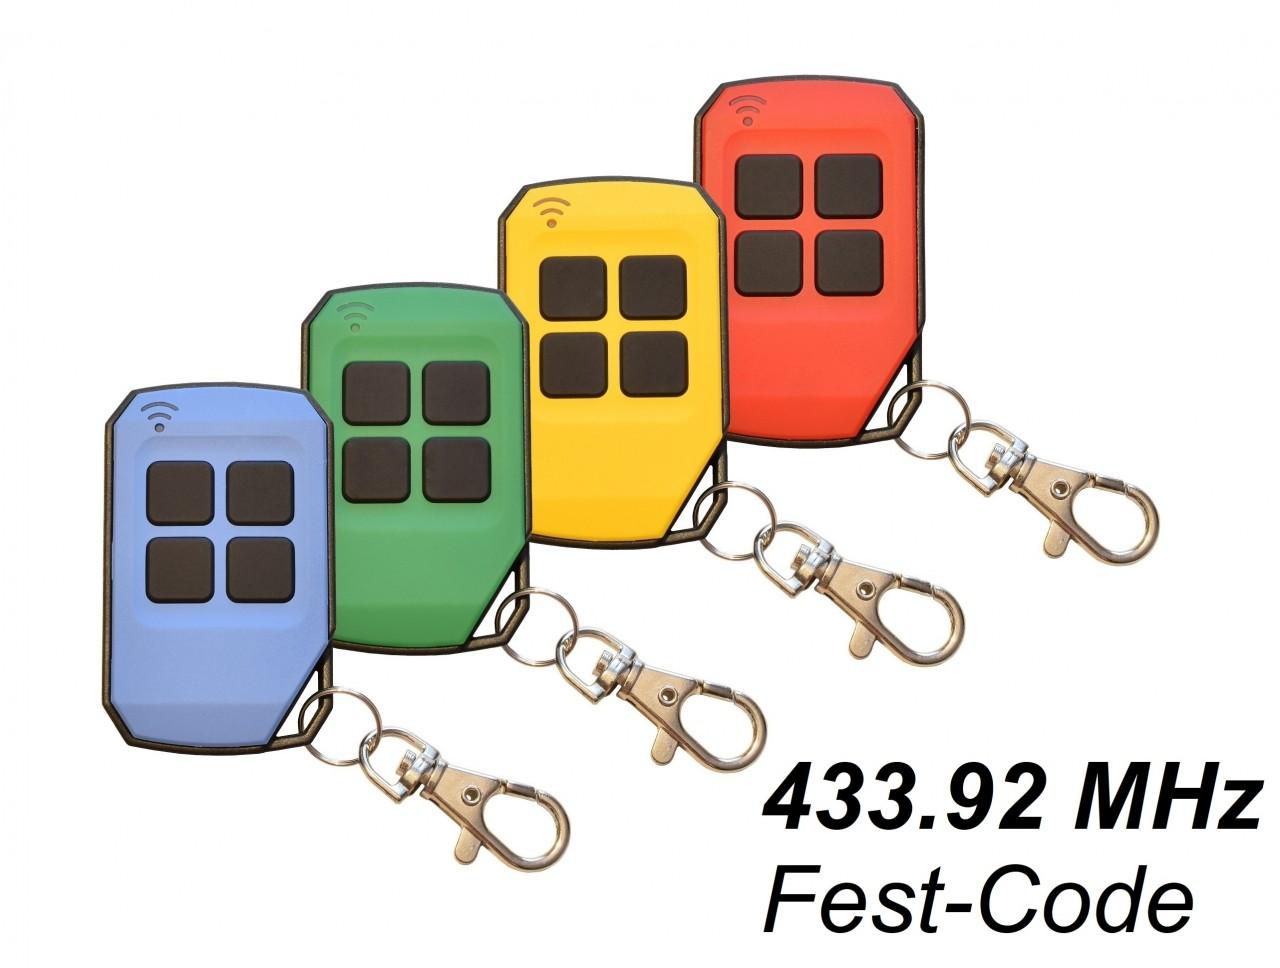 Handsender für Tedsen Teletaster 433,92 MHz in 4 Farben